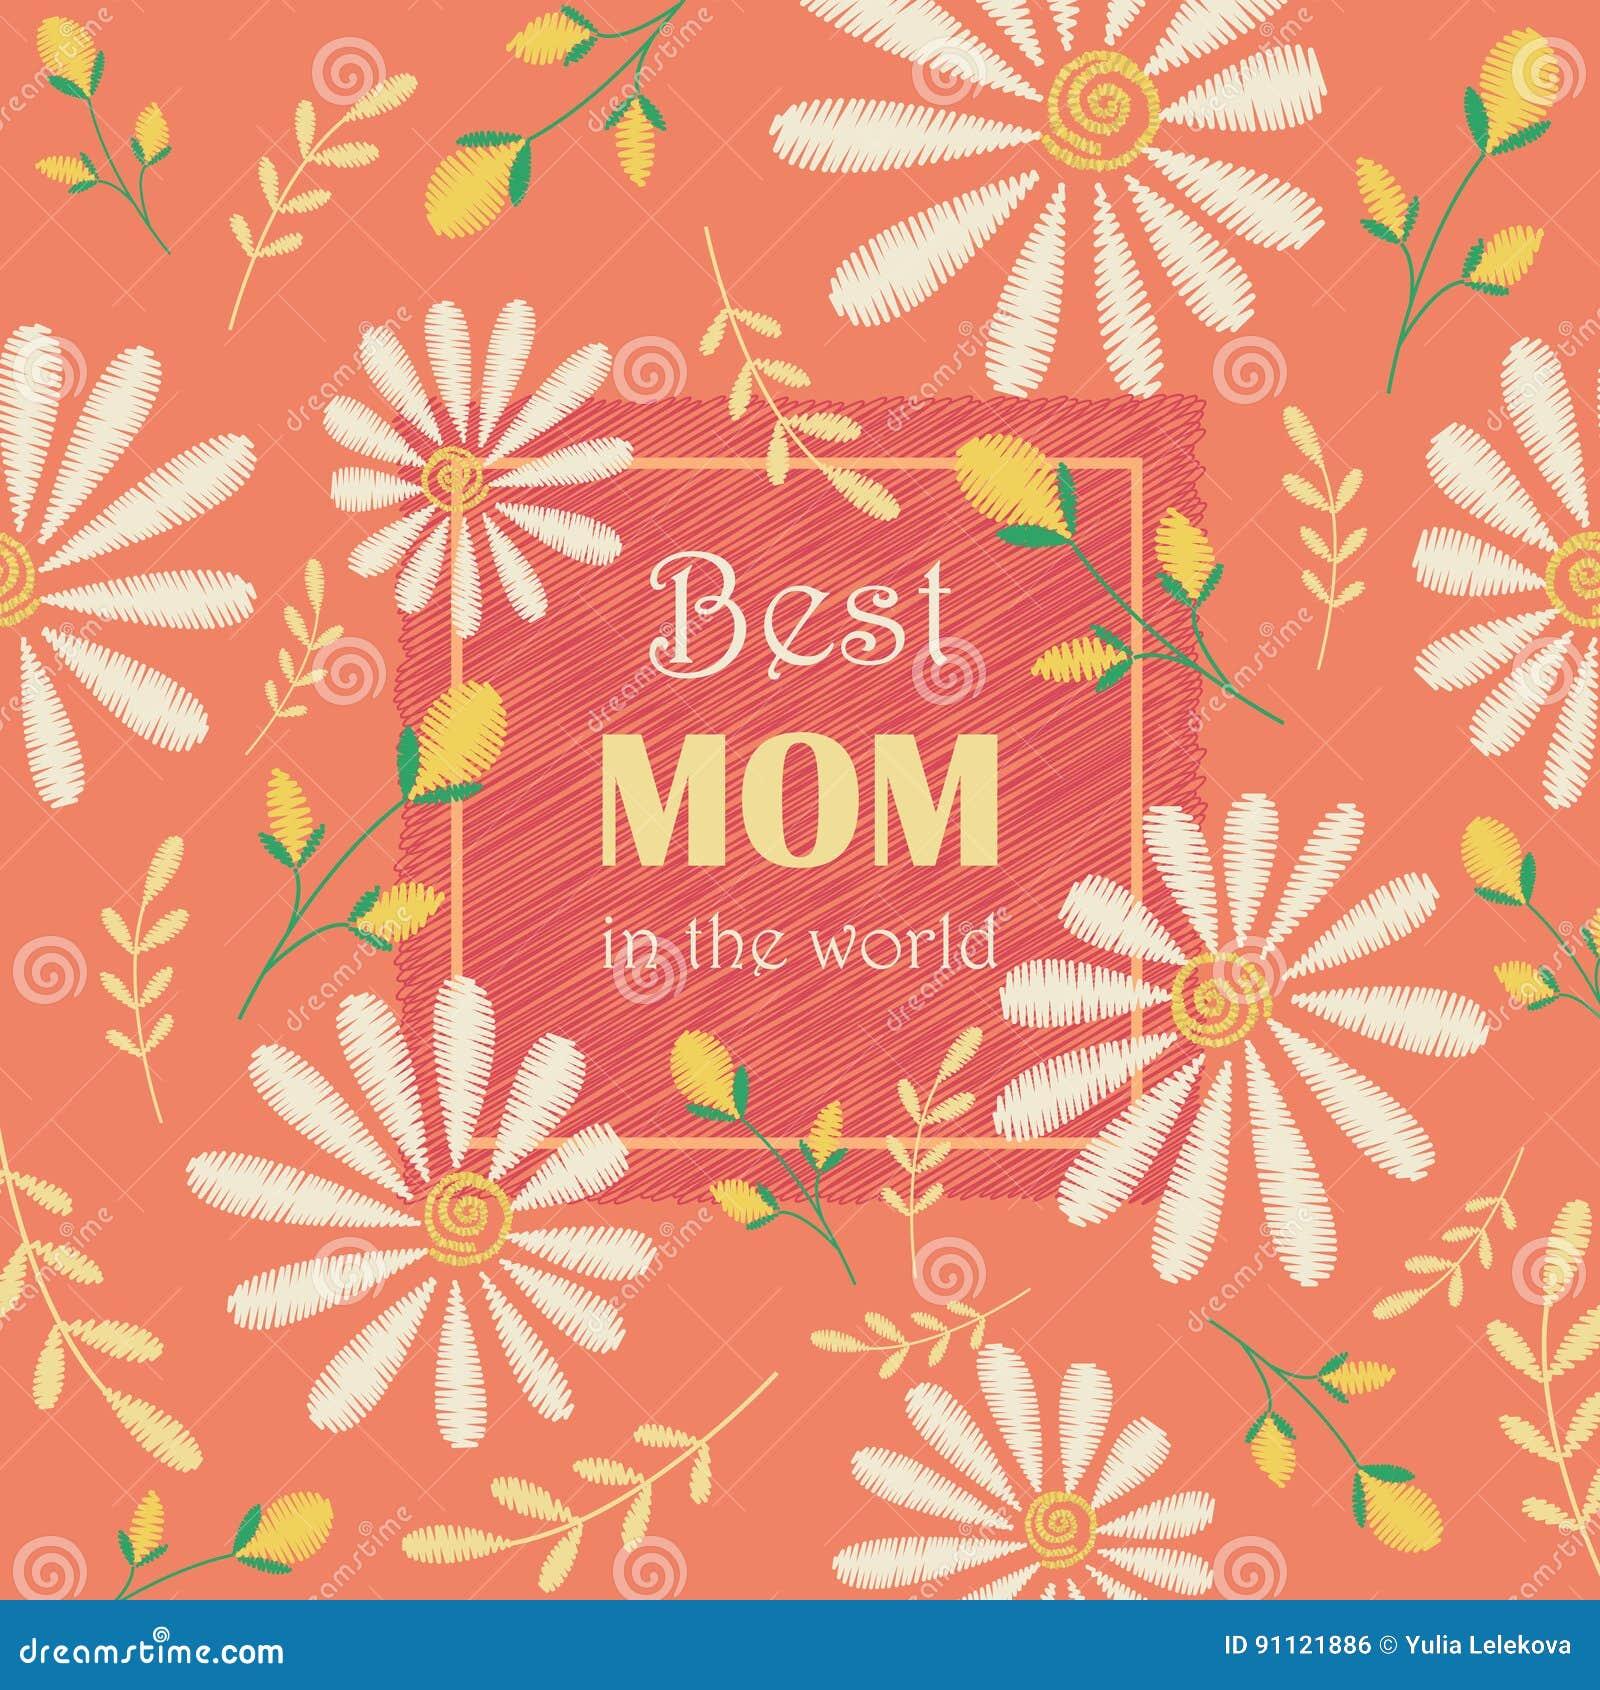 Vektorgruß Kartendesign Zum Muttertag Beste Mutter In Der Welt